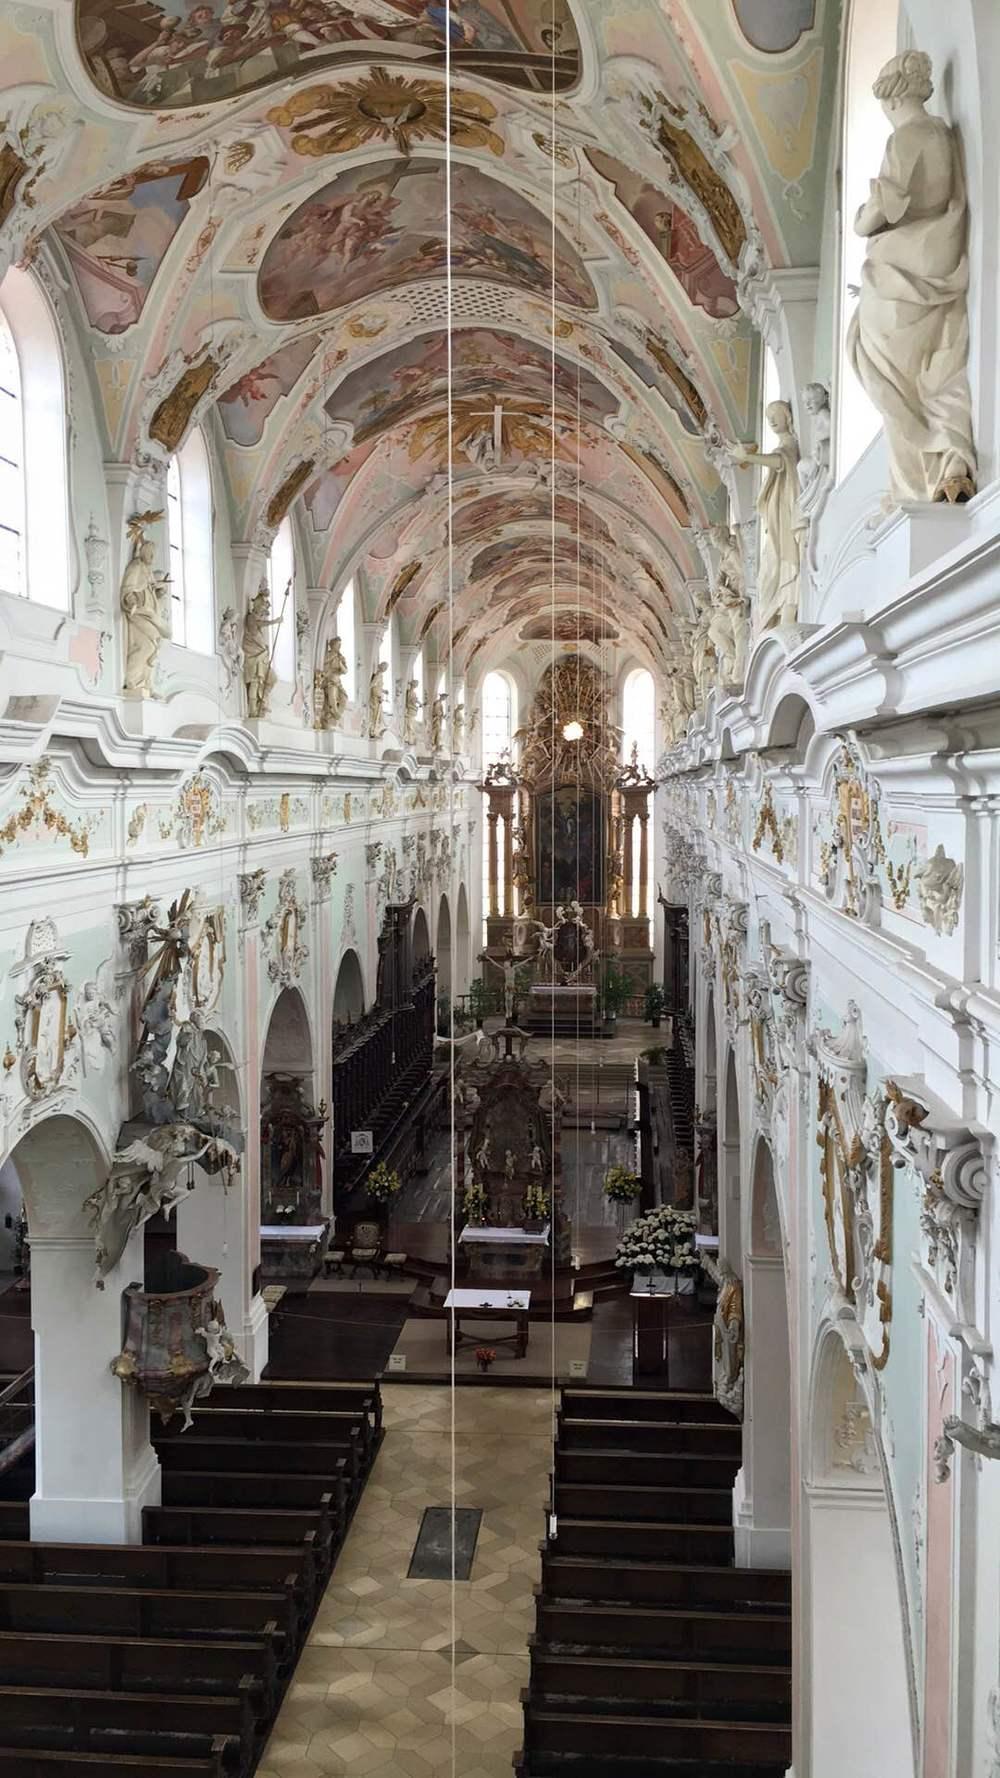 The nave of the monastery in Ochsenhausen